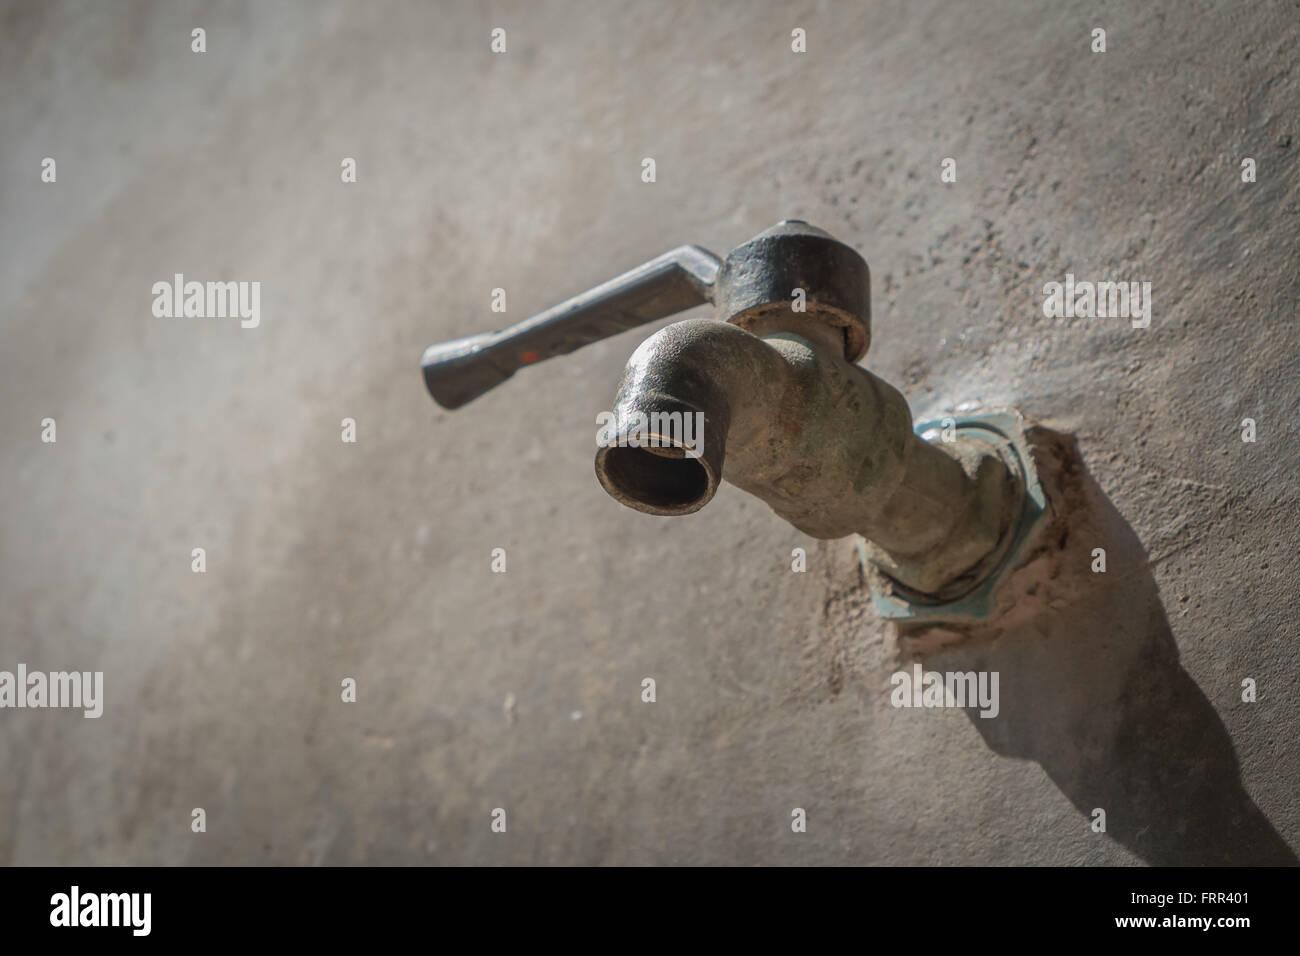 alter wasserhahn auf betonwand, speichern das wasserkonzept